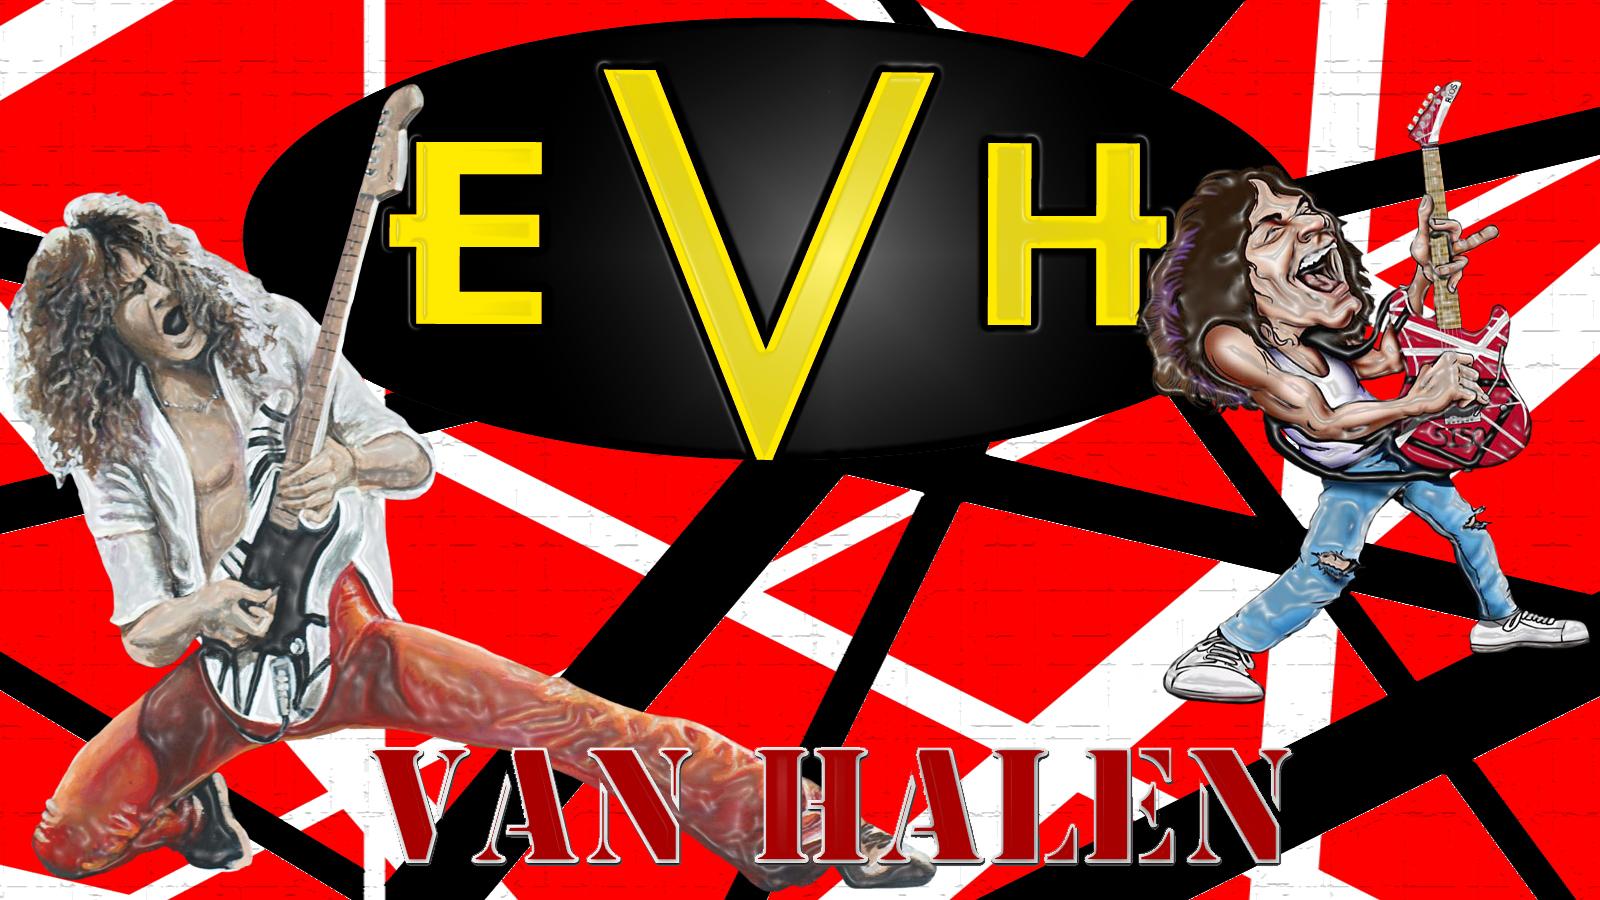 Eddie Van Halen Computer Wallpapers, Desktop Backgrounds